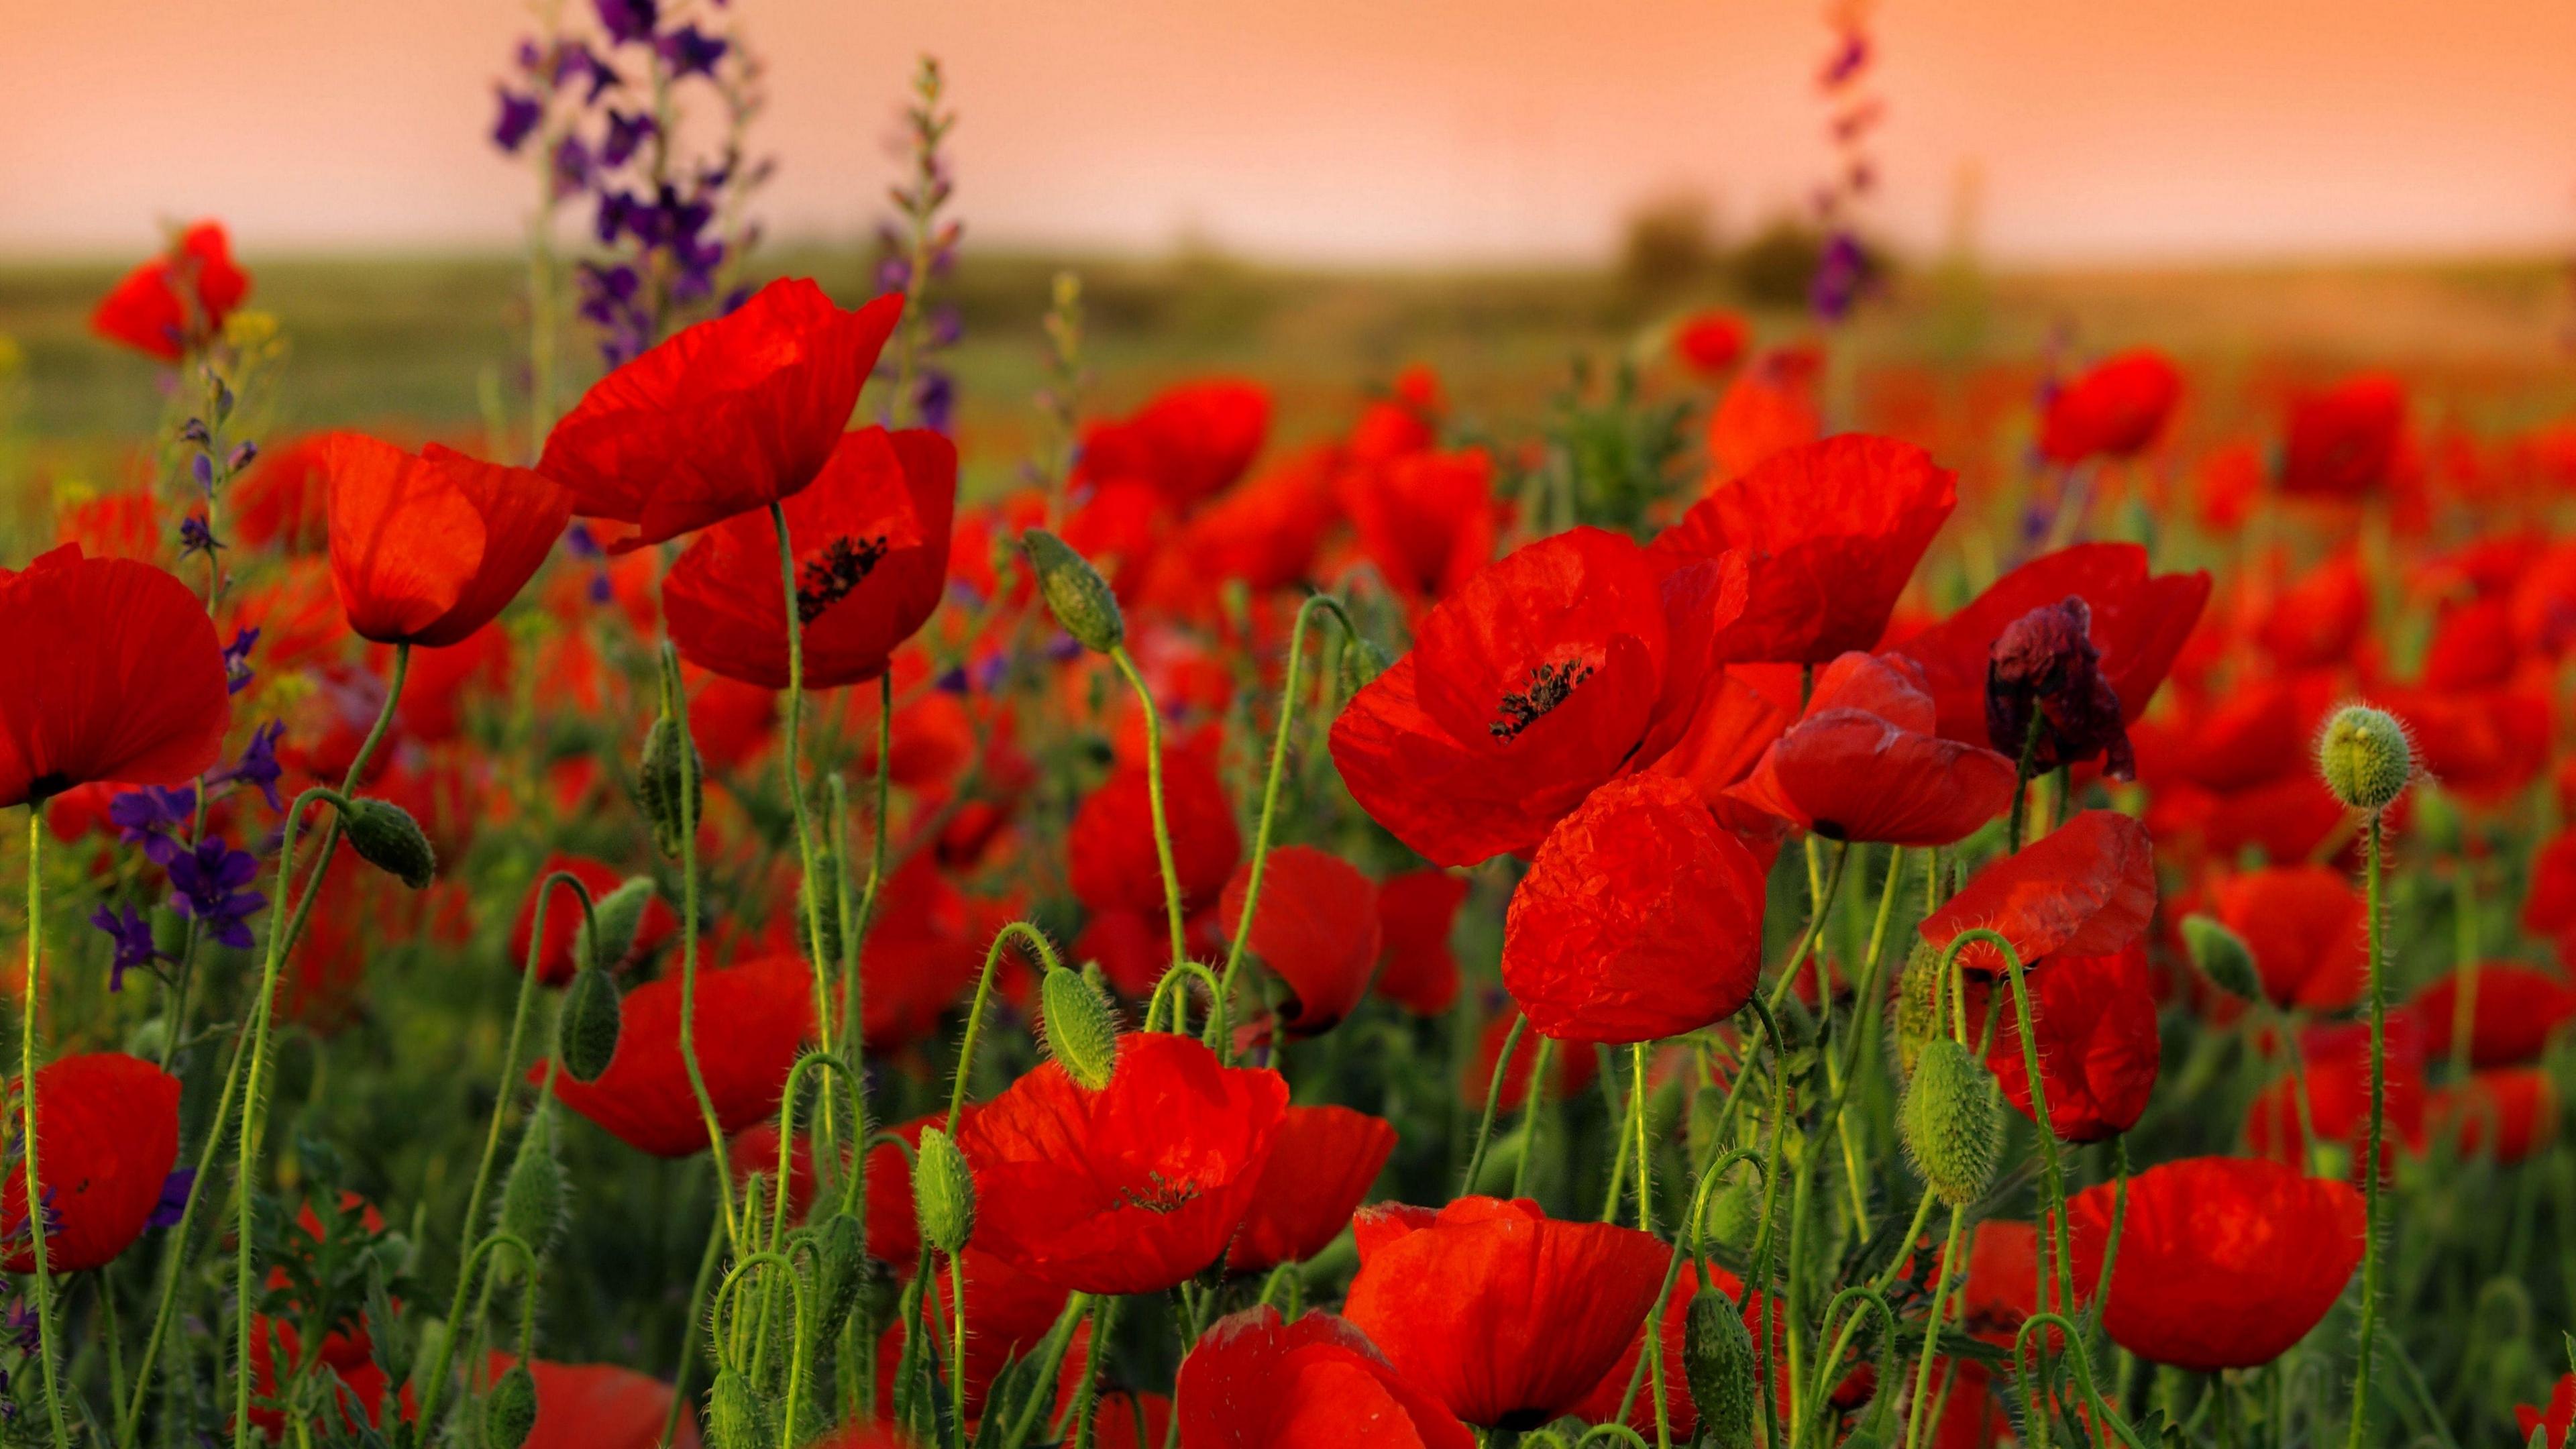 poppies flowers field sharpness summer 4k 1540065046 - poppies, flowers, field, sharpness, summer 4k - Poppies, Flowers, Field